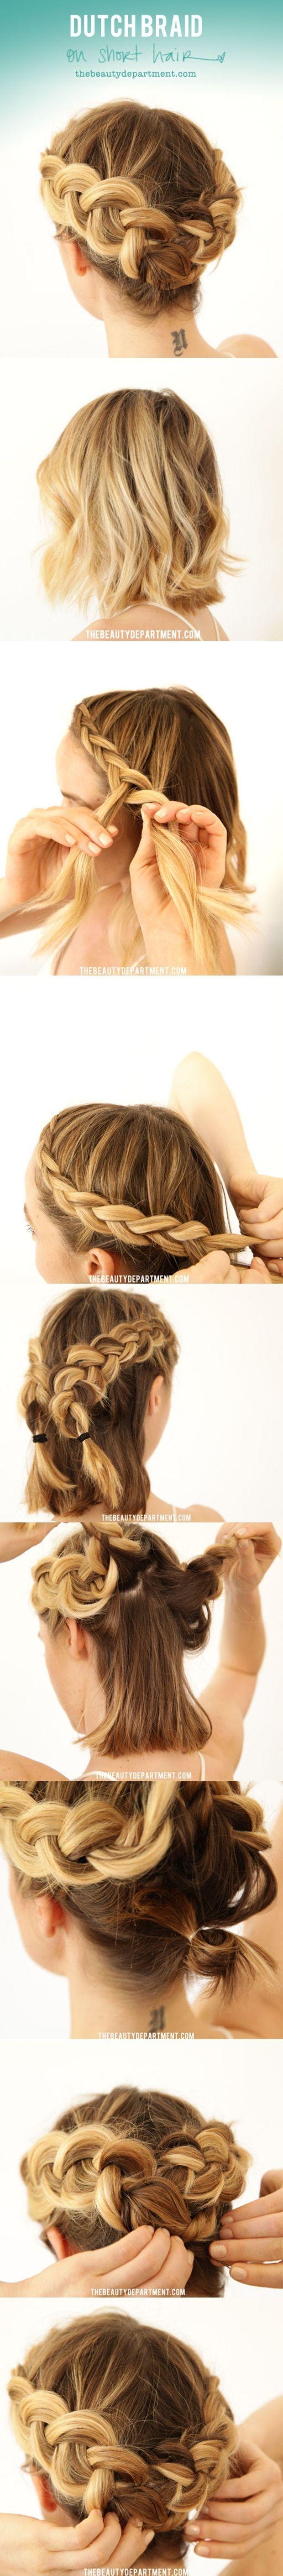 Prime 1000 Ideas About Braid Short Hair On Pinterest Short Hair Short Hairstyles For Black Women Fulllsitofus